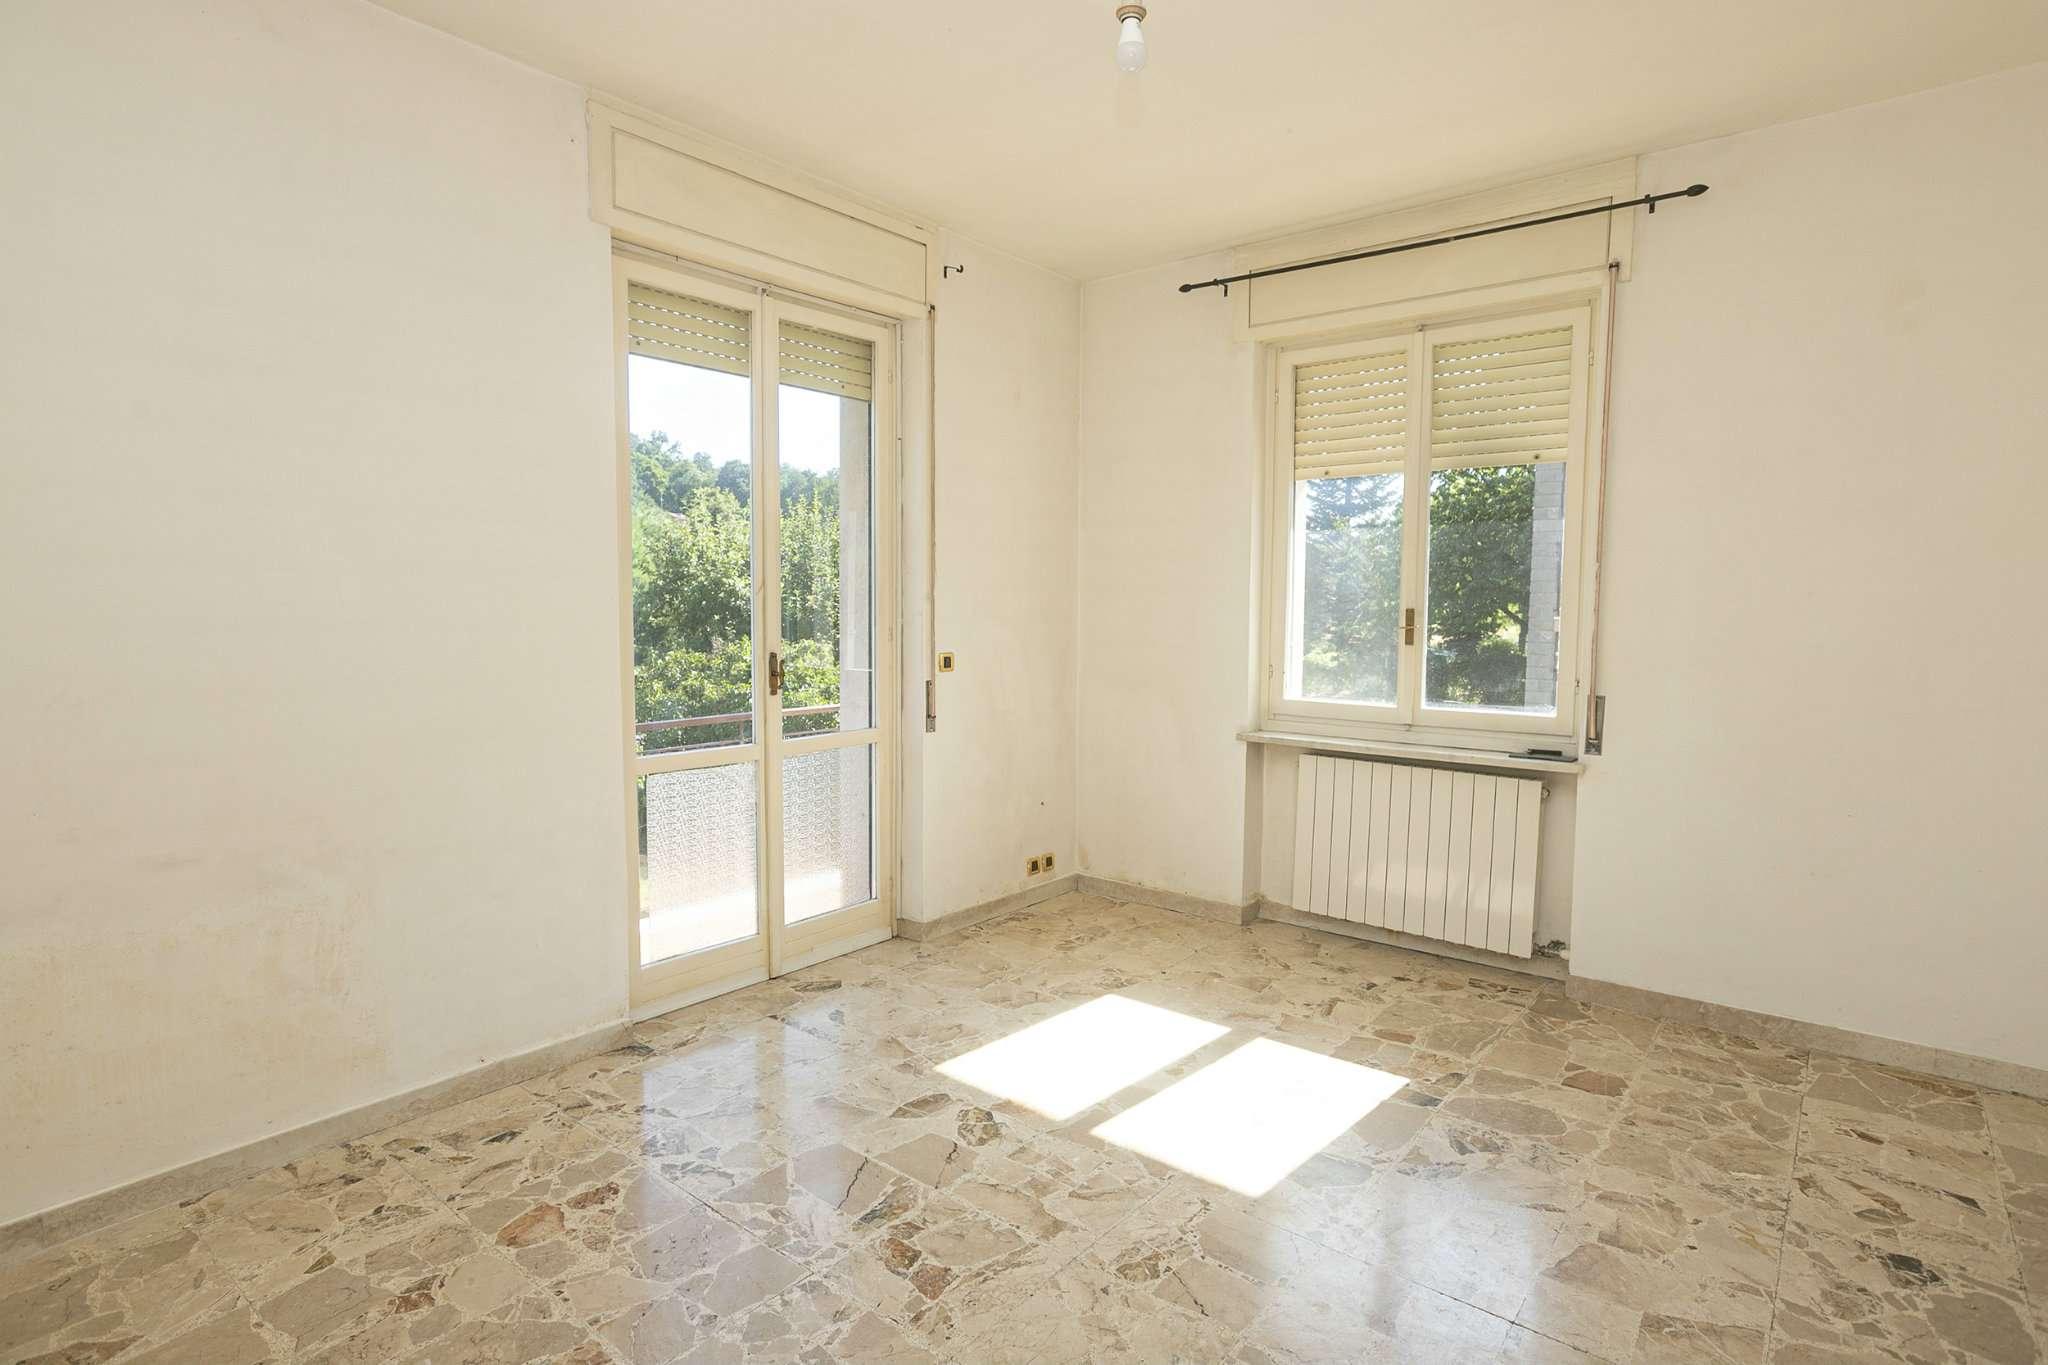 Appartamento in vendita a Gavi, 3 locali, prezzo € 49.000 | CambioCasa.it